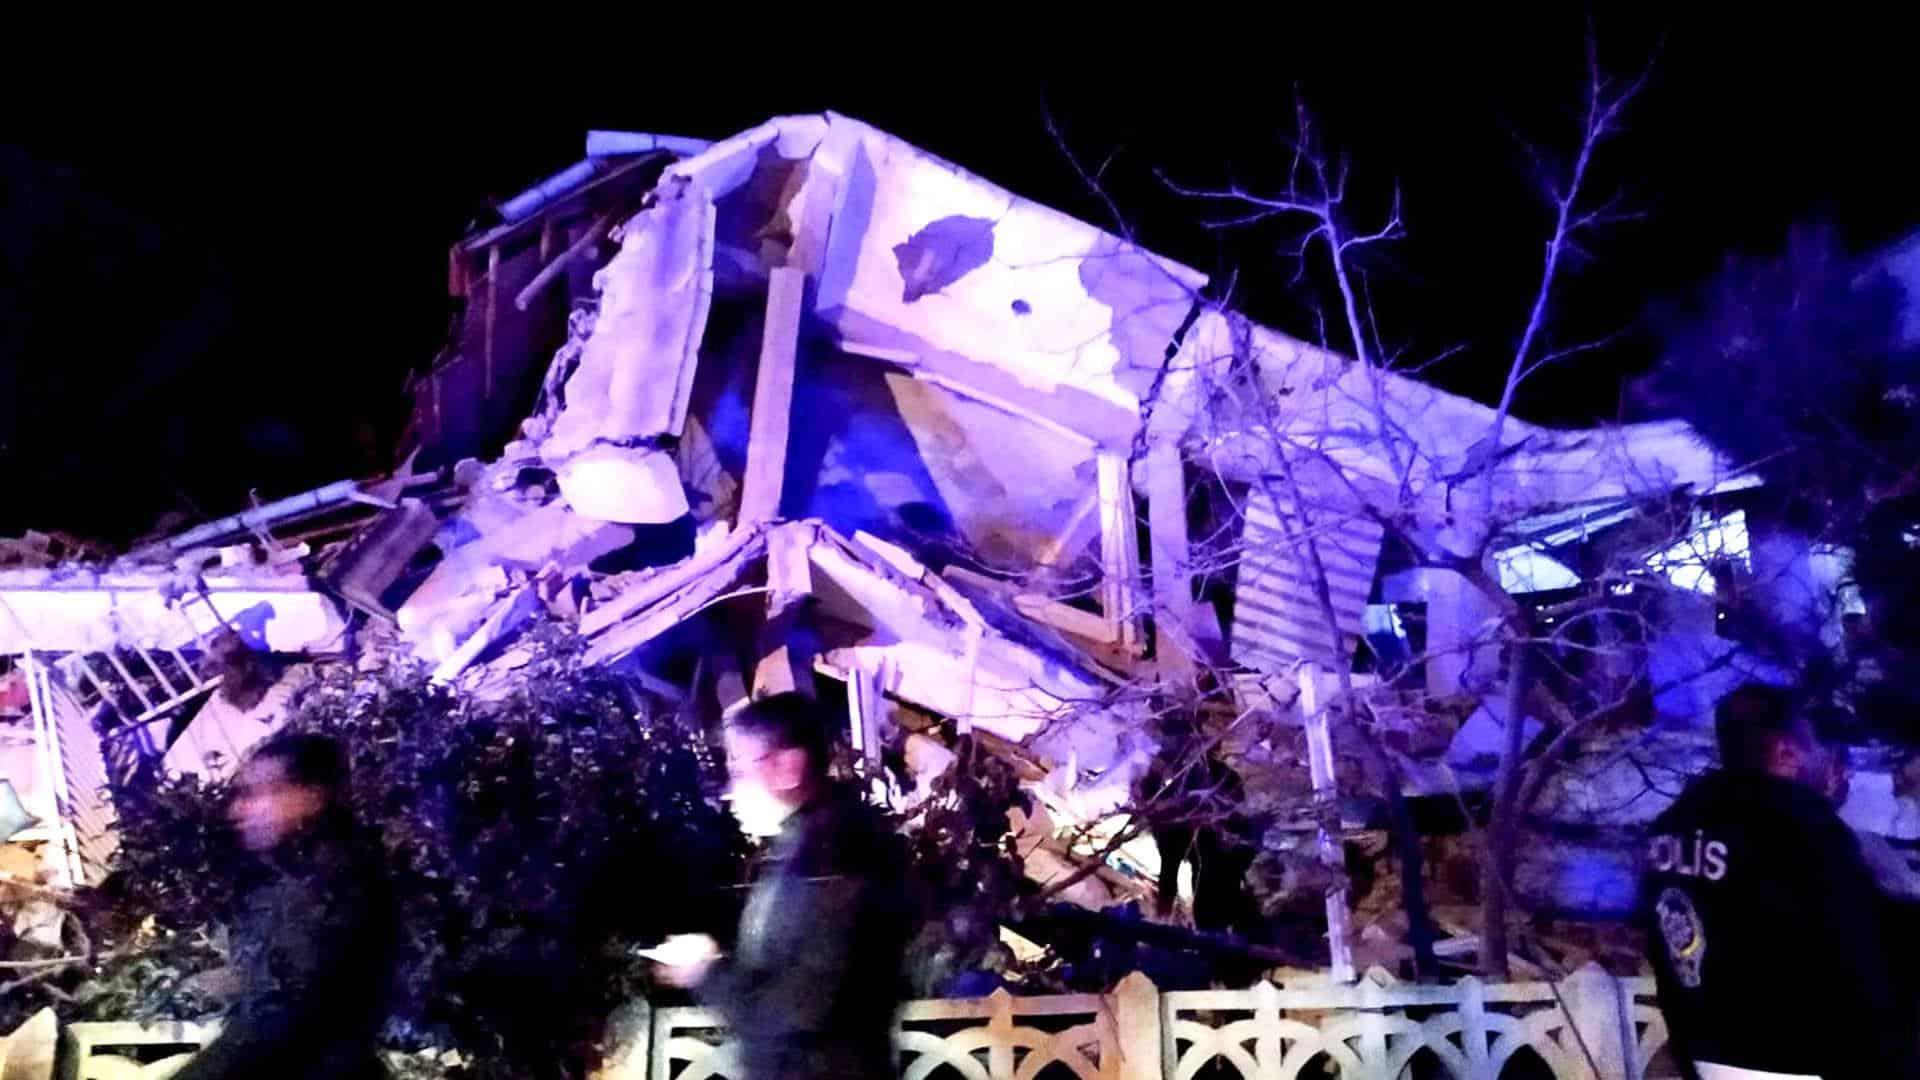 Τουρκία σεισμός: 19 νεκροί 900 τραυματίες Η Ελλάδα έτοιμη να συνδράμει